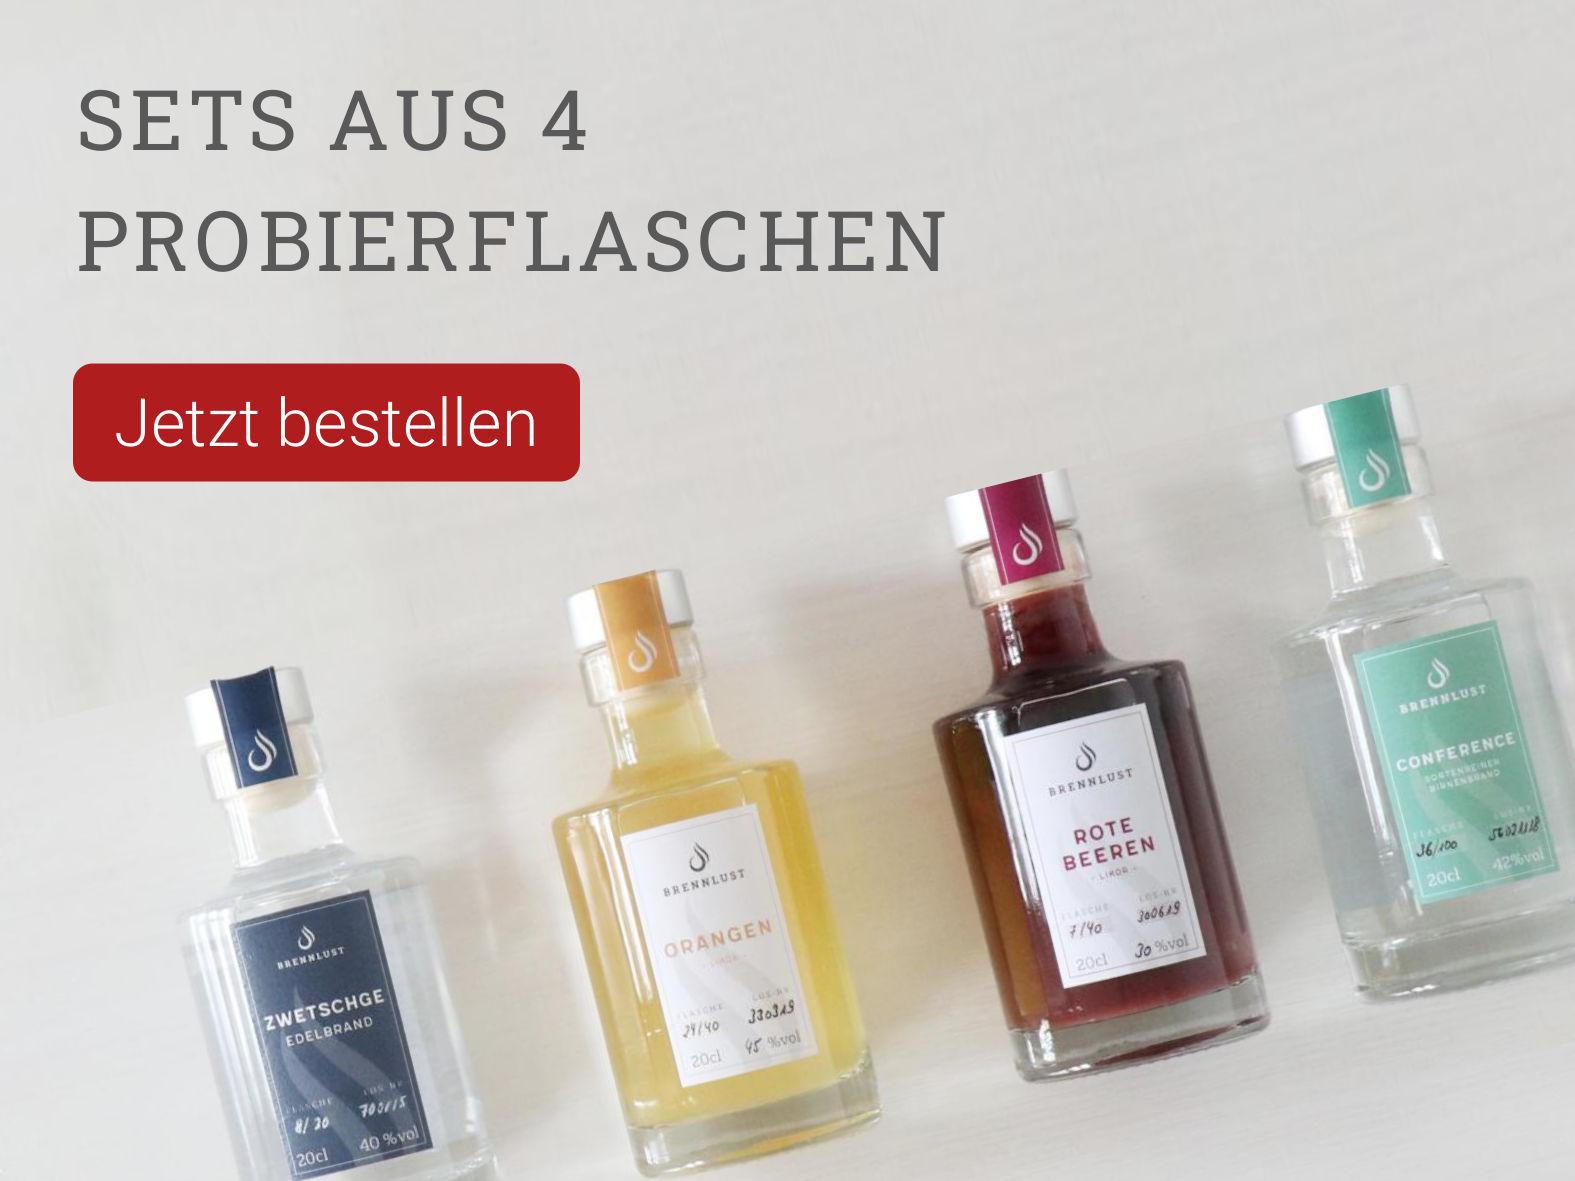 Brennlust Destillerie & Events - Probierflaschen á 20 cl